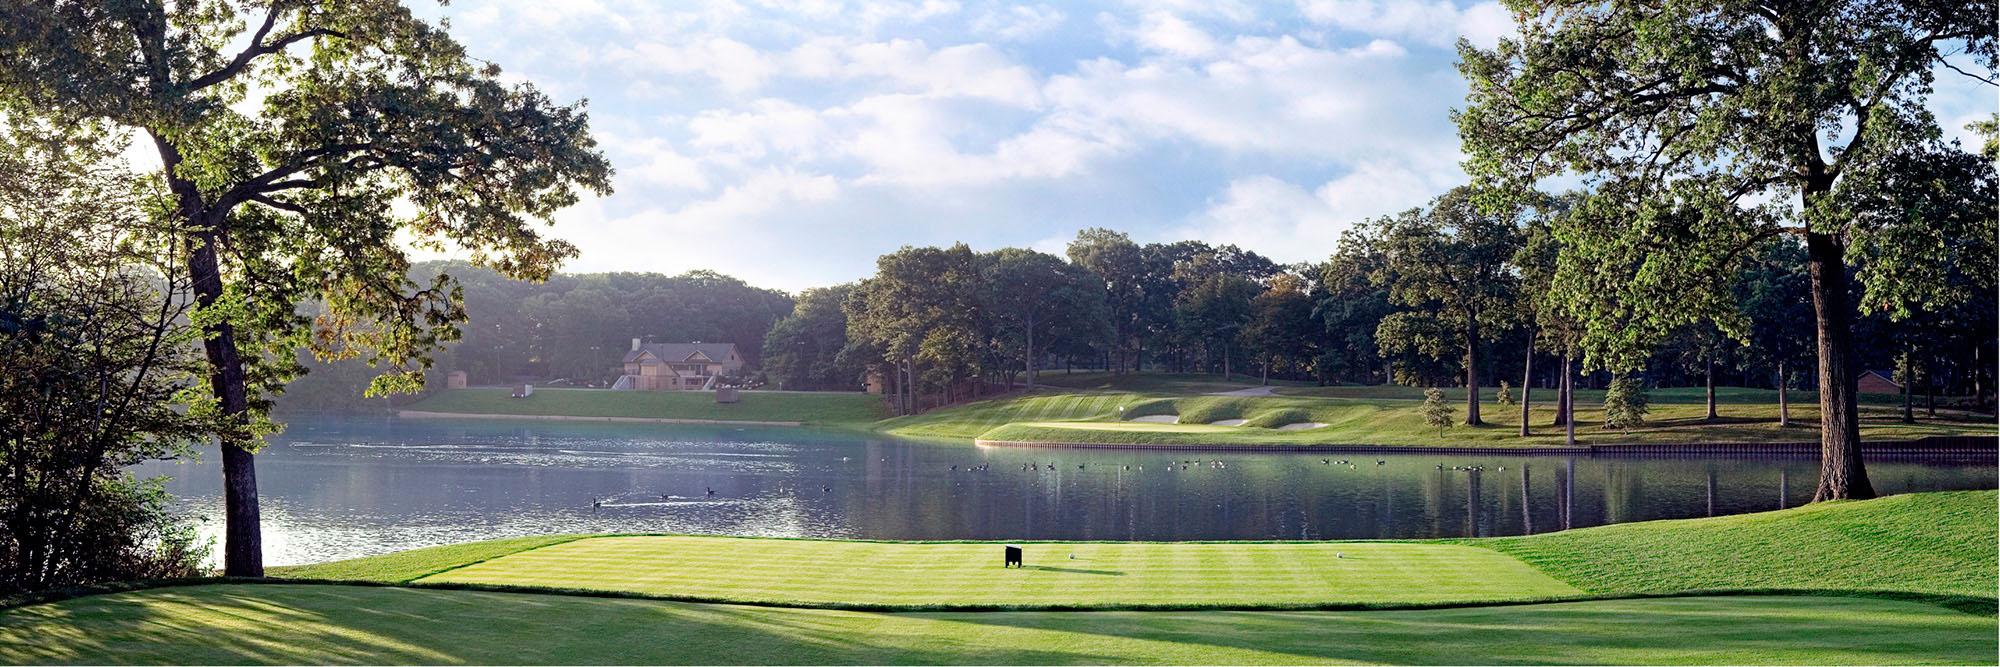 Golf Course Image - Medinah 3 No. 2